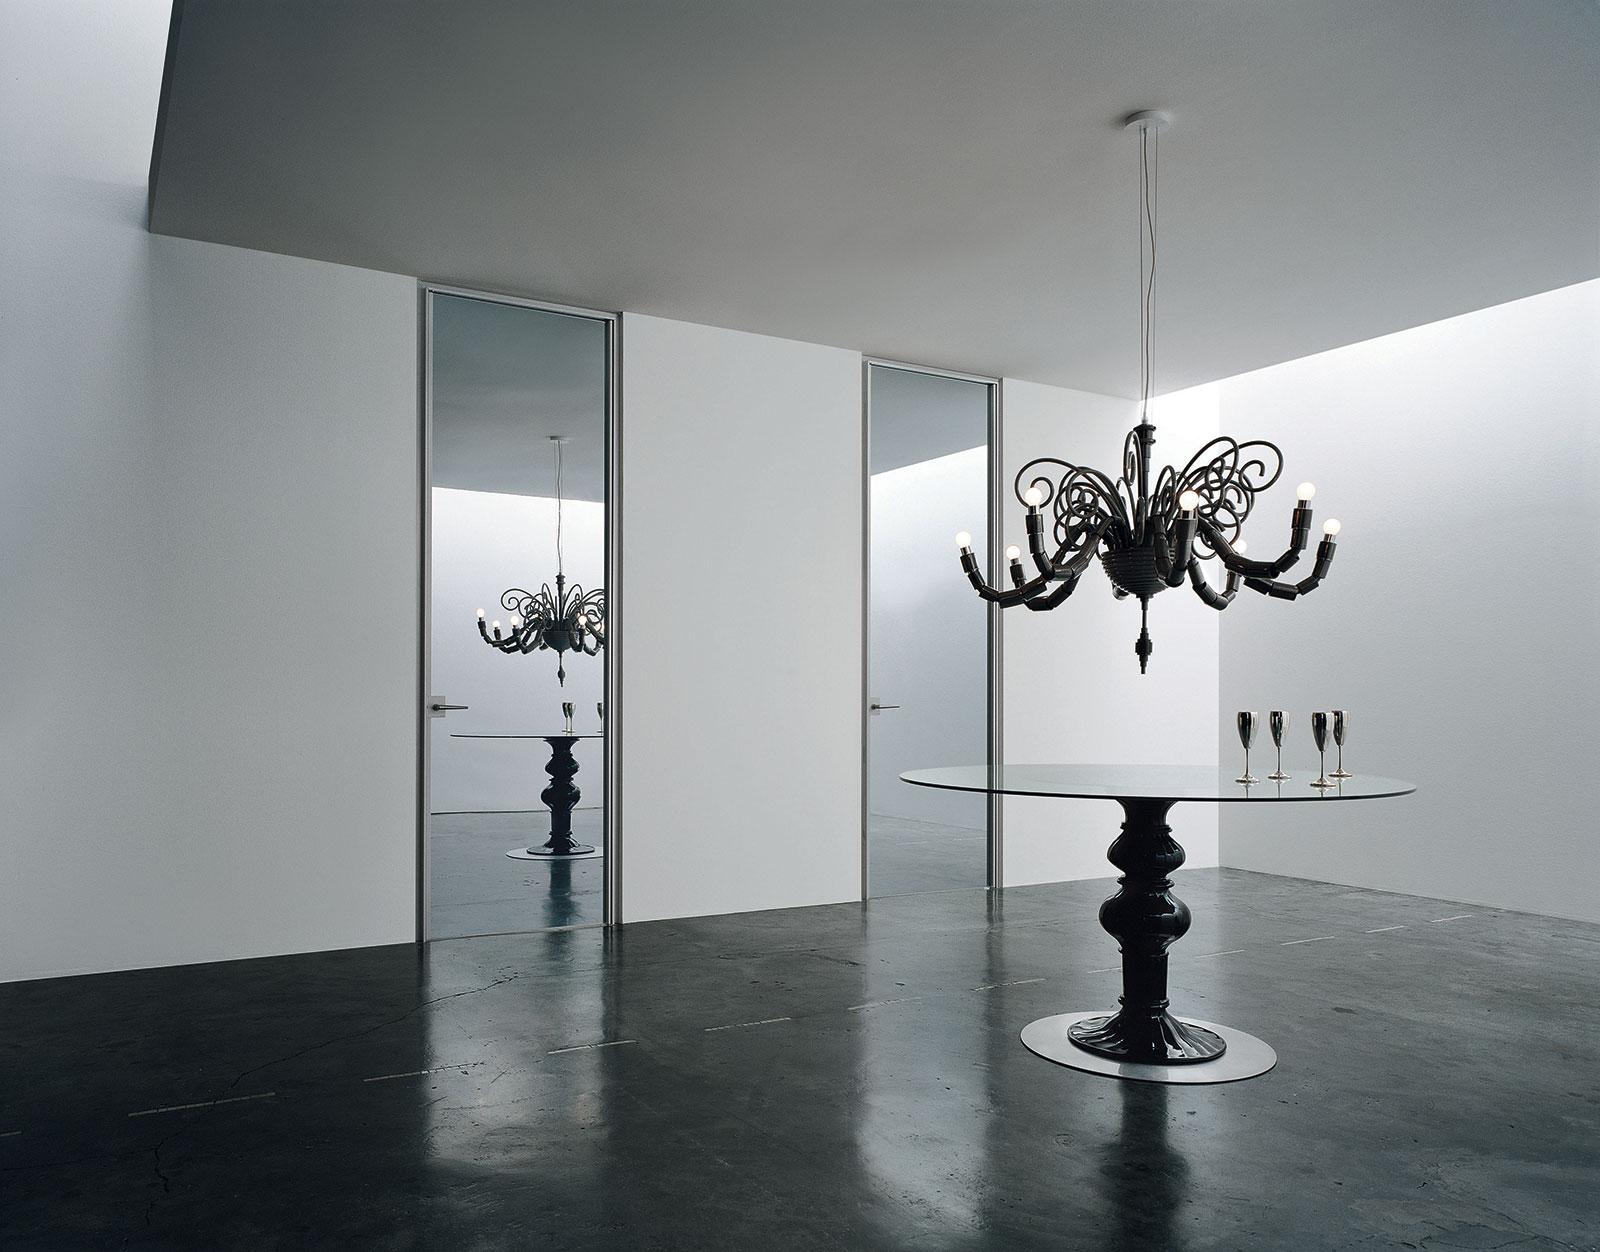 Ingrandire con lo specchio henry glass - Porta a specchio ...